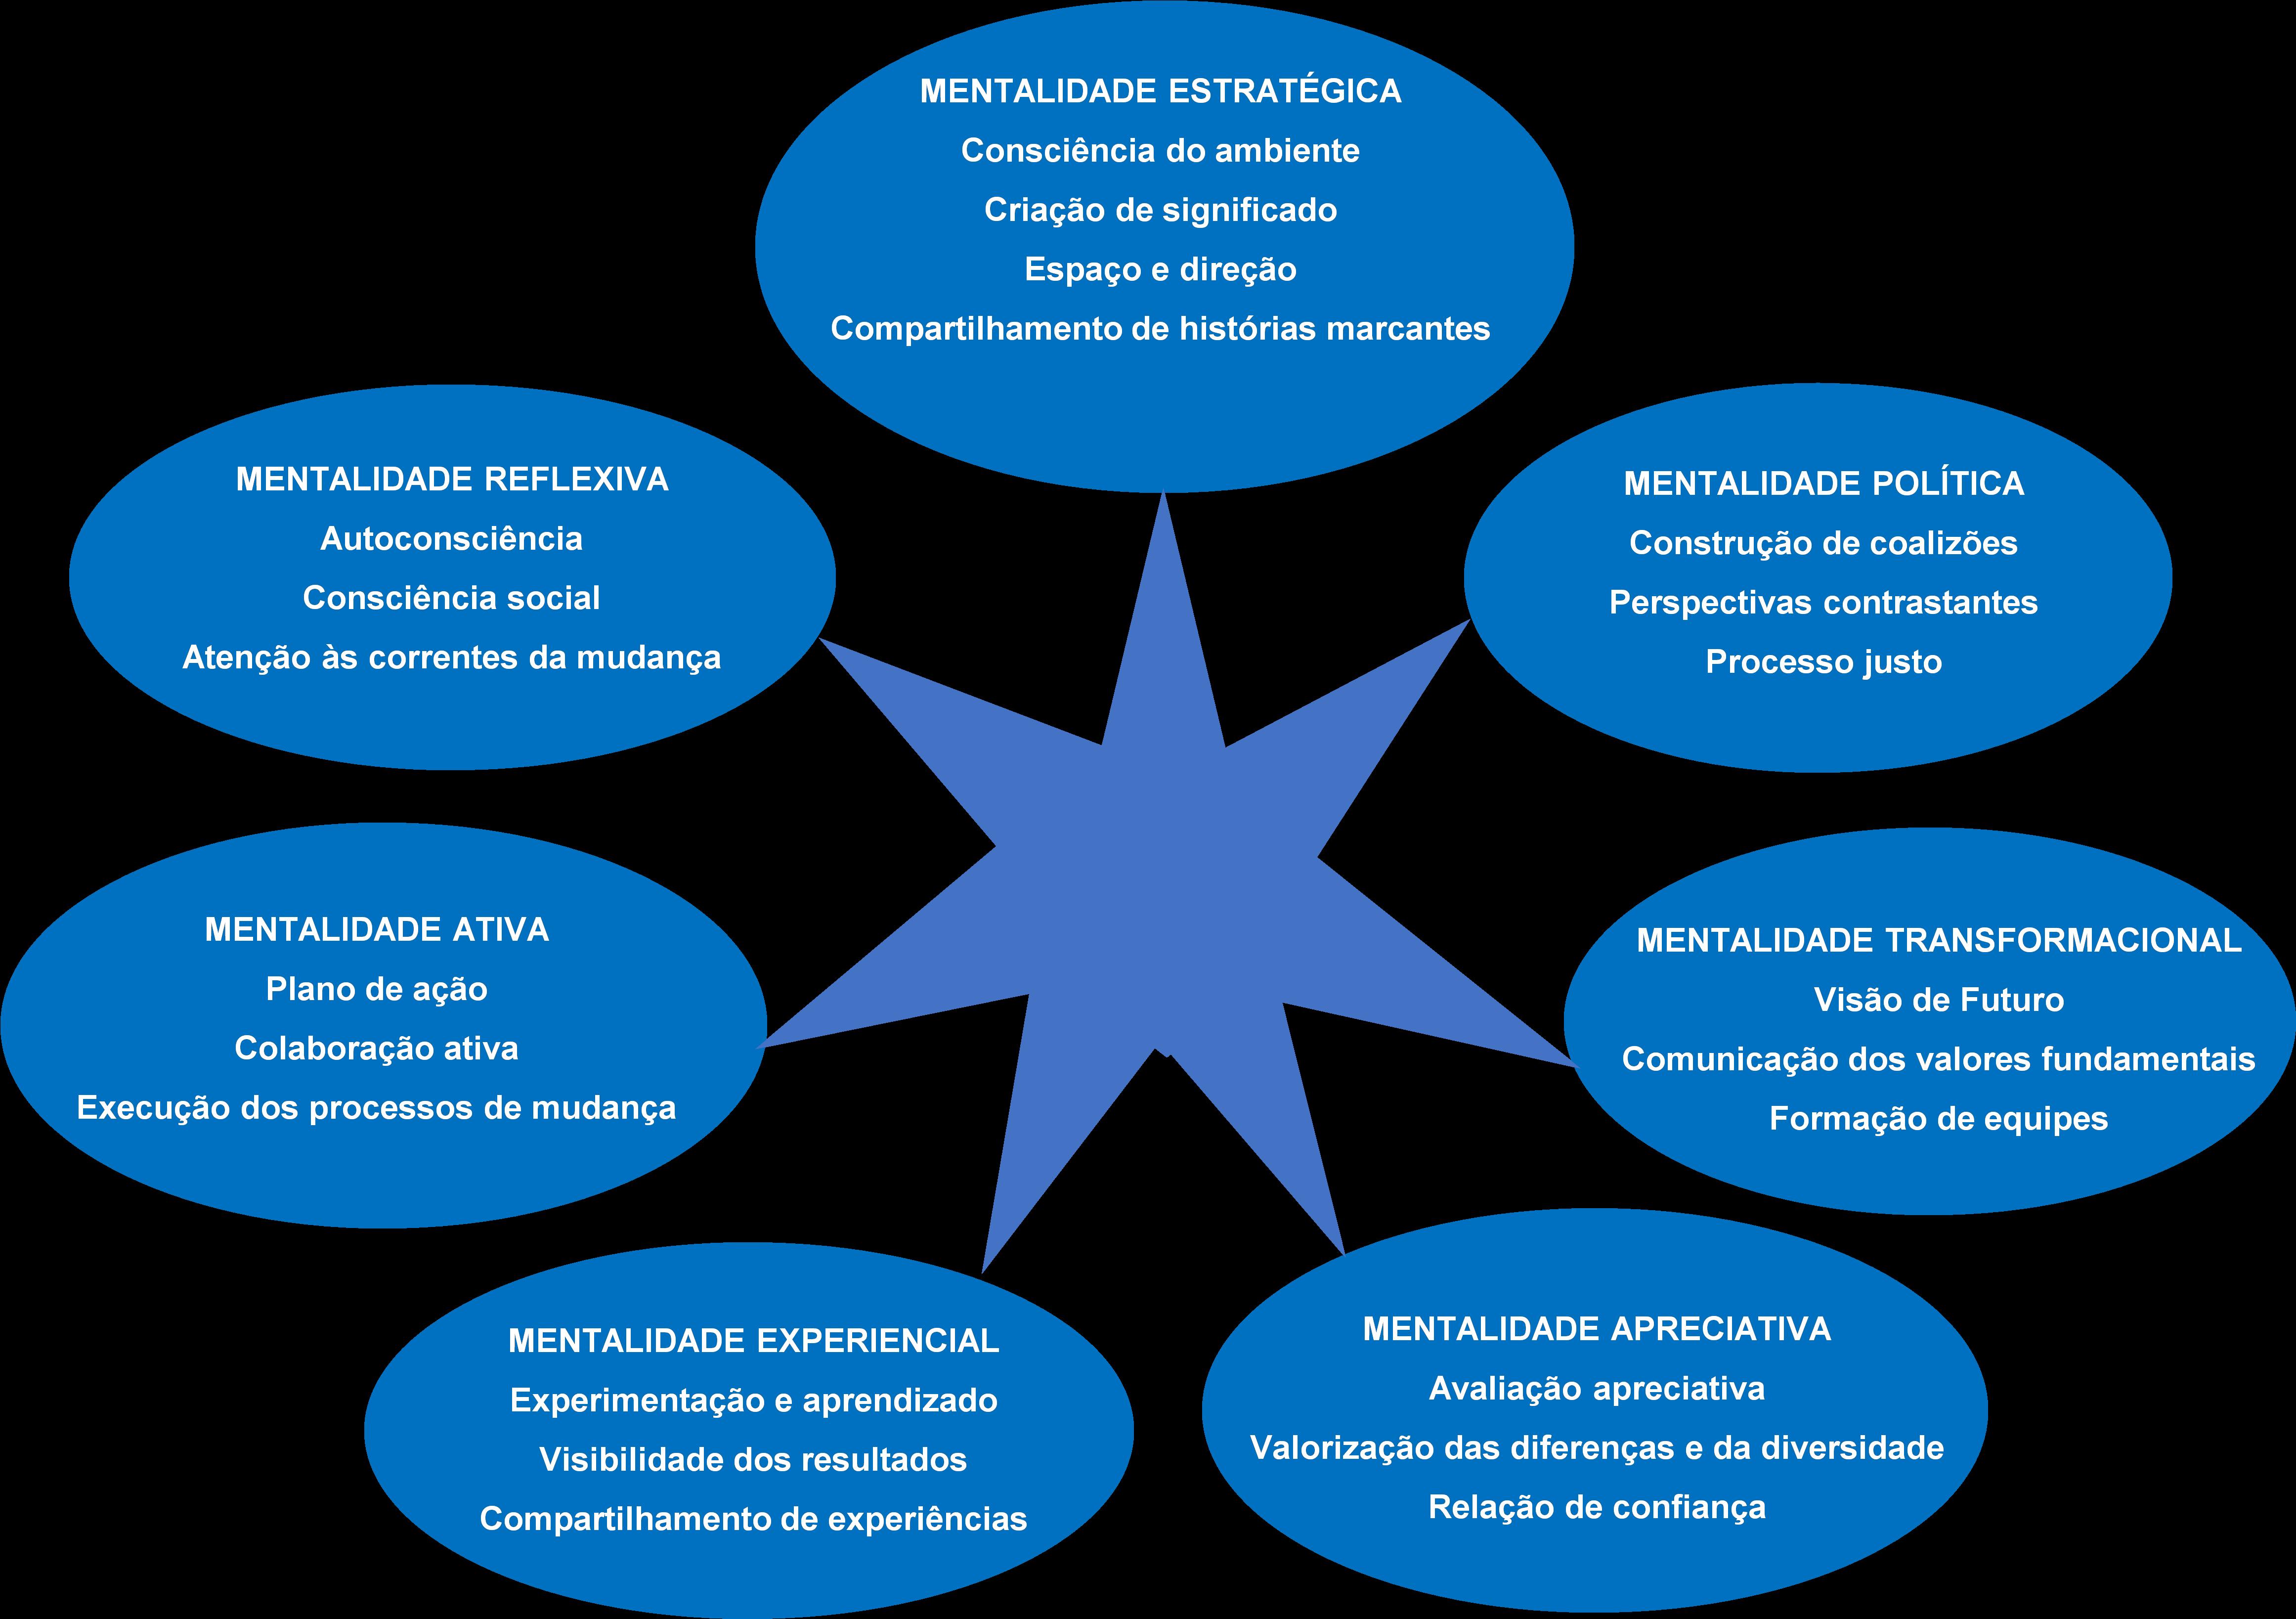 Imagem mostrando o Septagrama dos Líderes Inovadores (fonte Brillo e Boonstra, 2018)